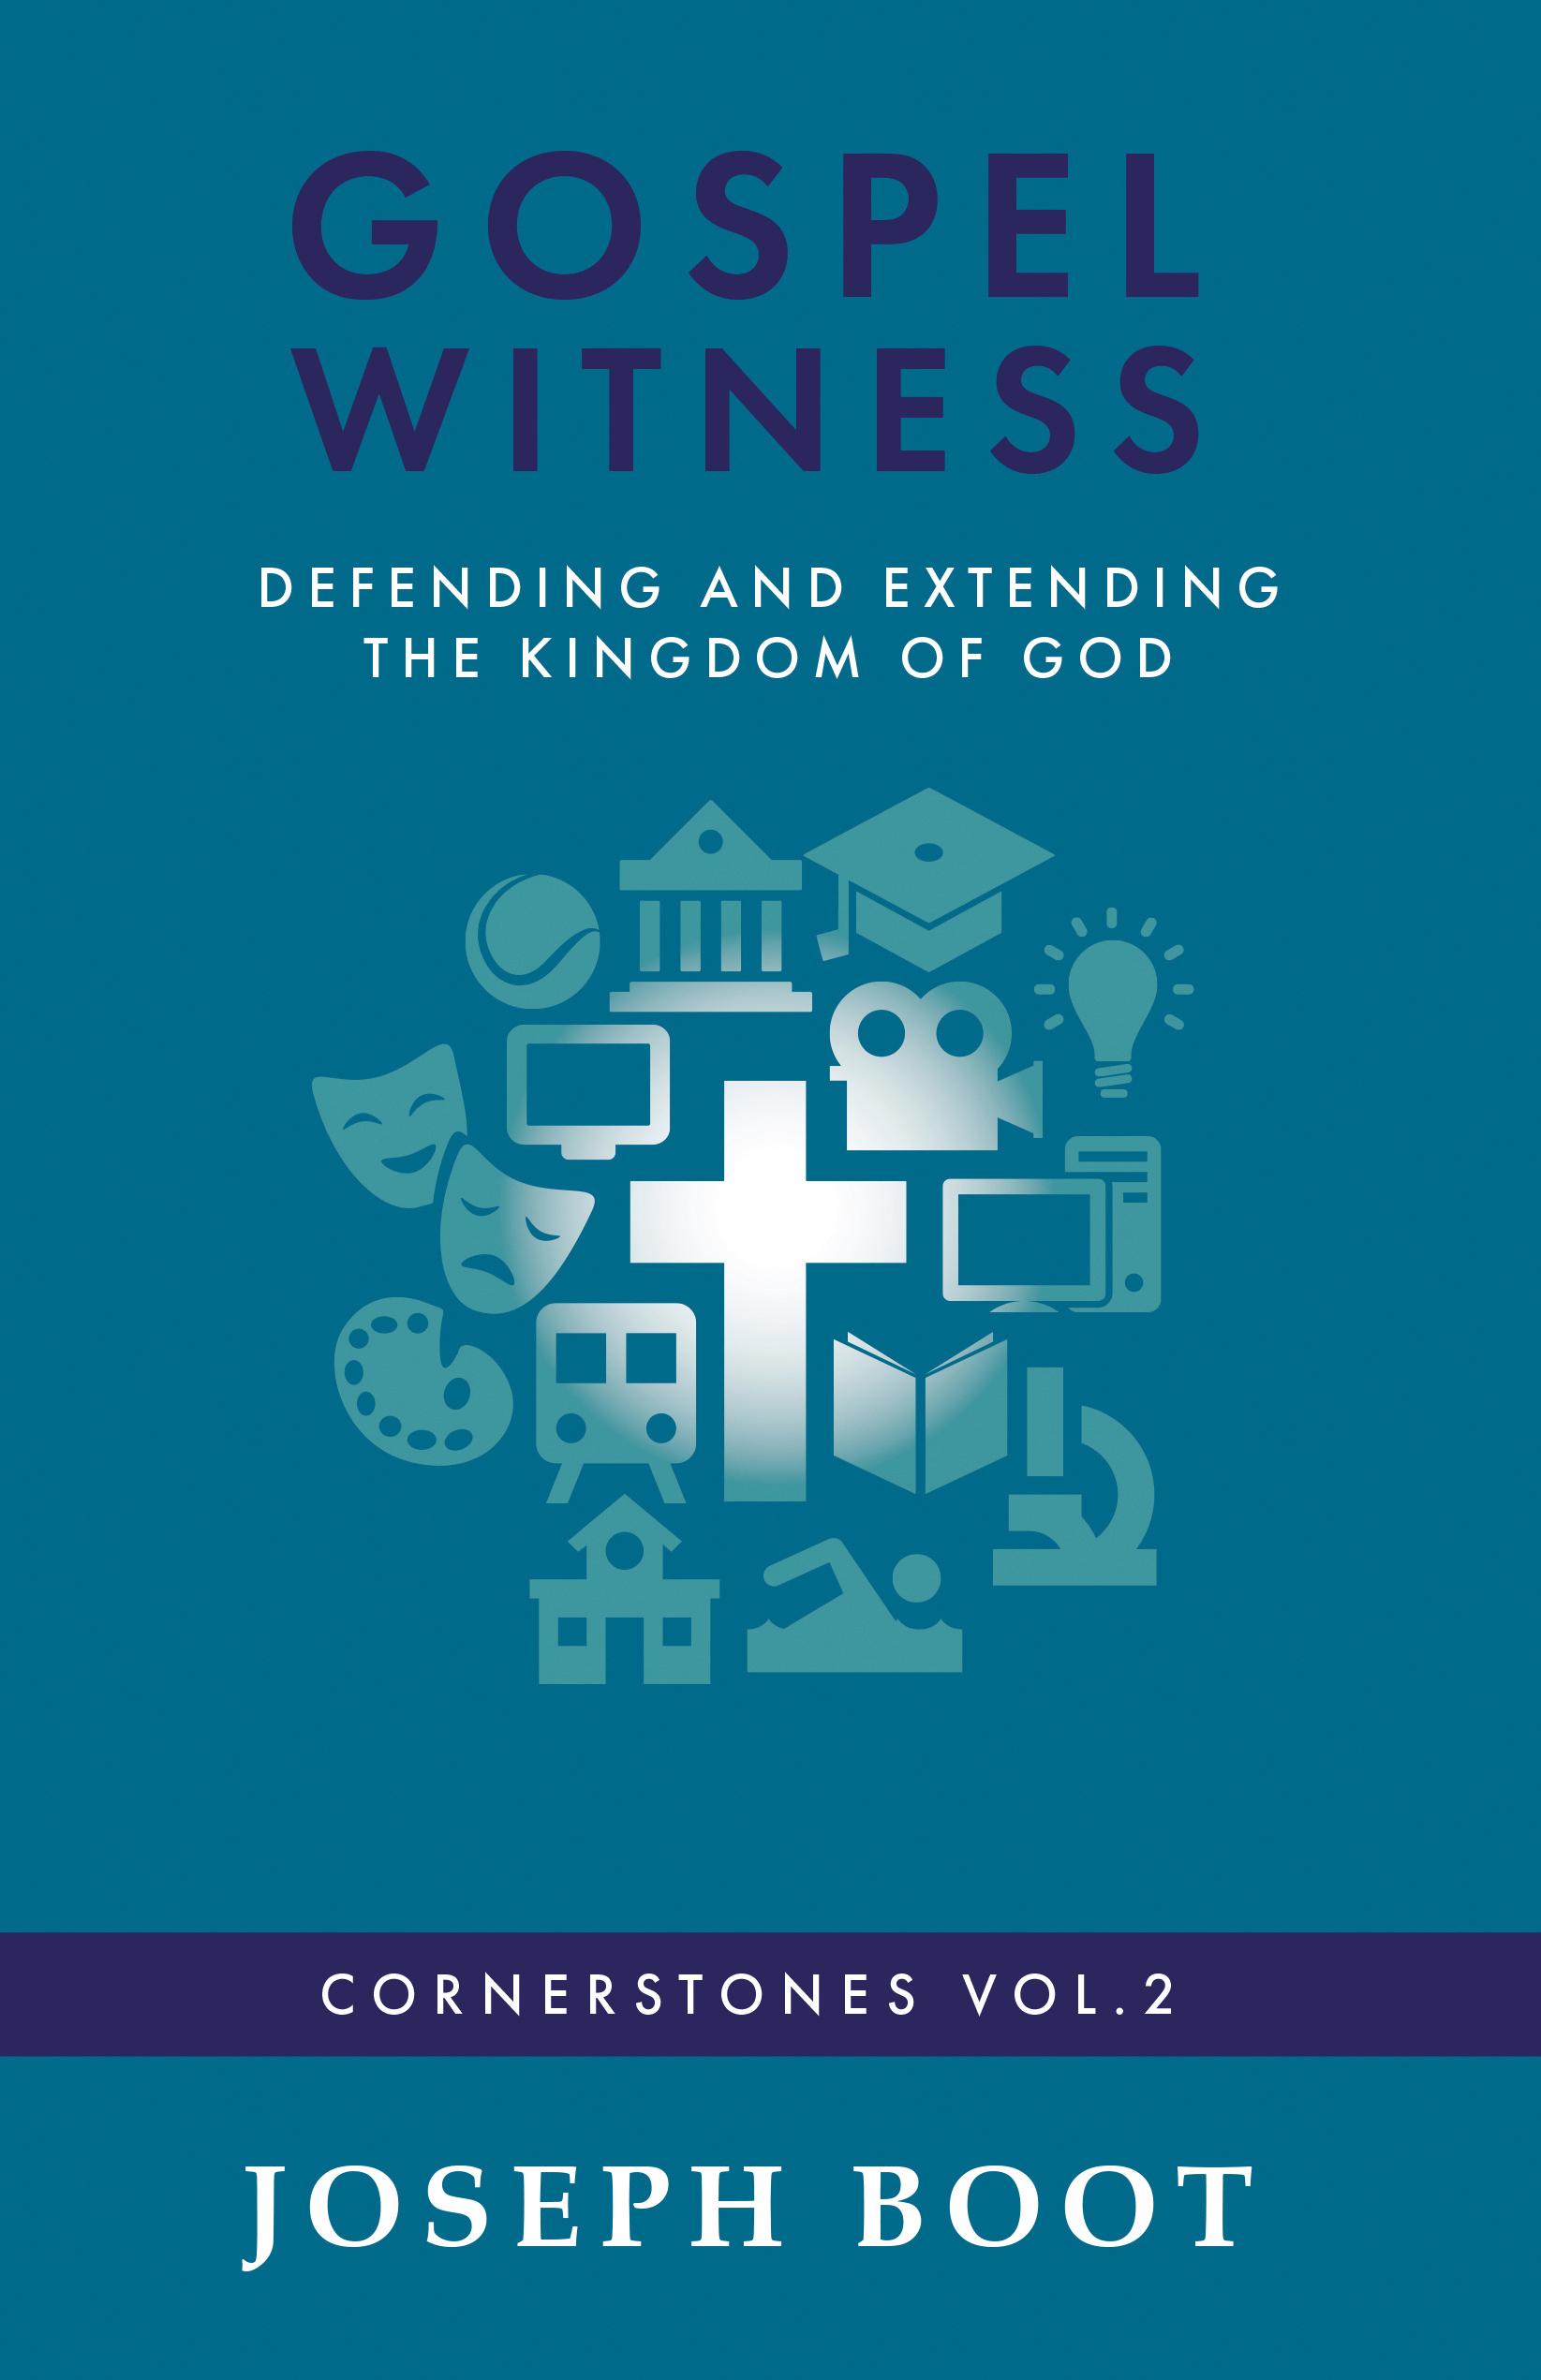 Gospel Witness - How to speak of the gospel to a secular world